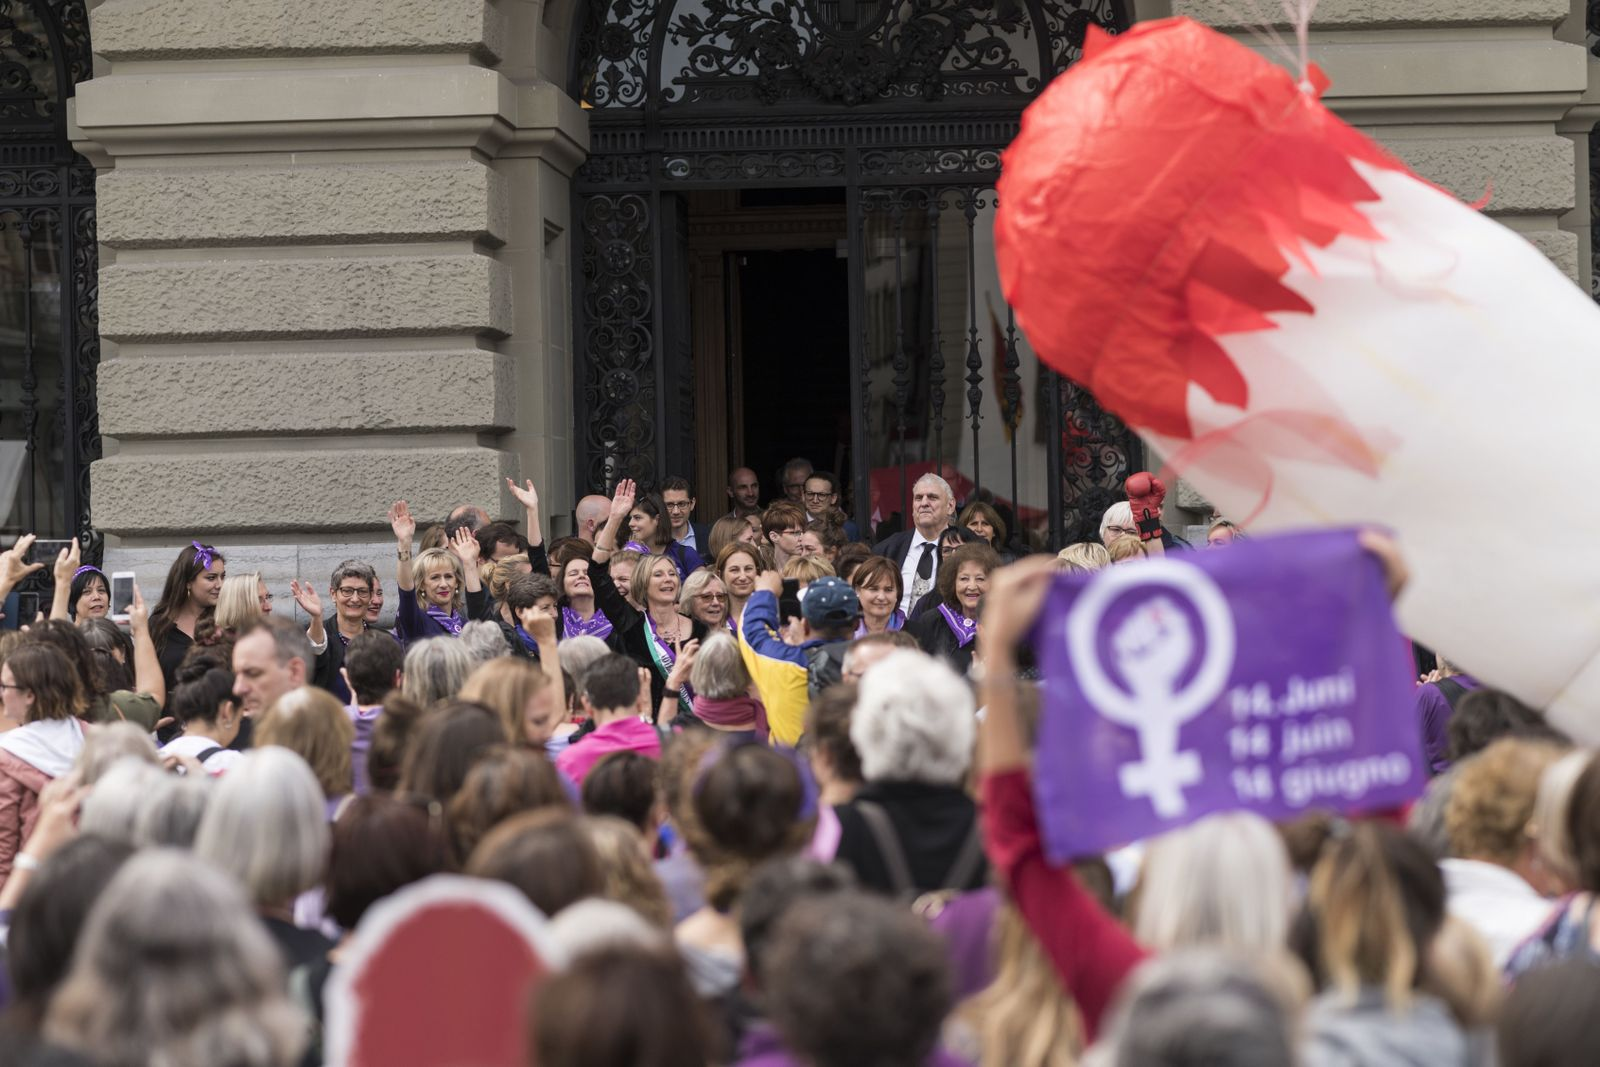 Frauenstreik für mehr Gleichberechtigung